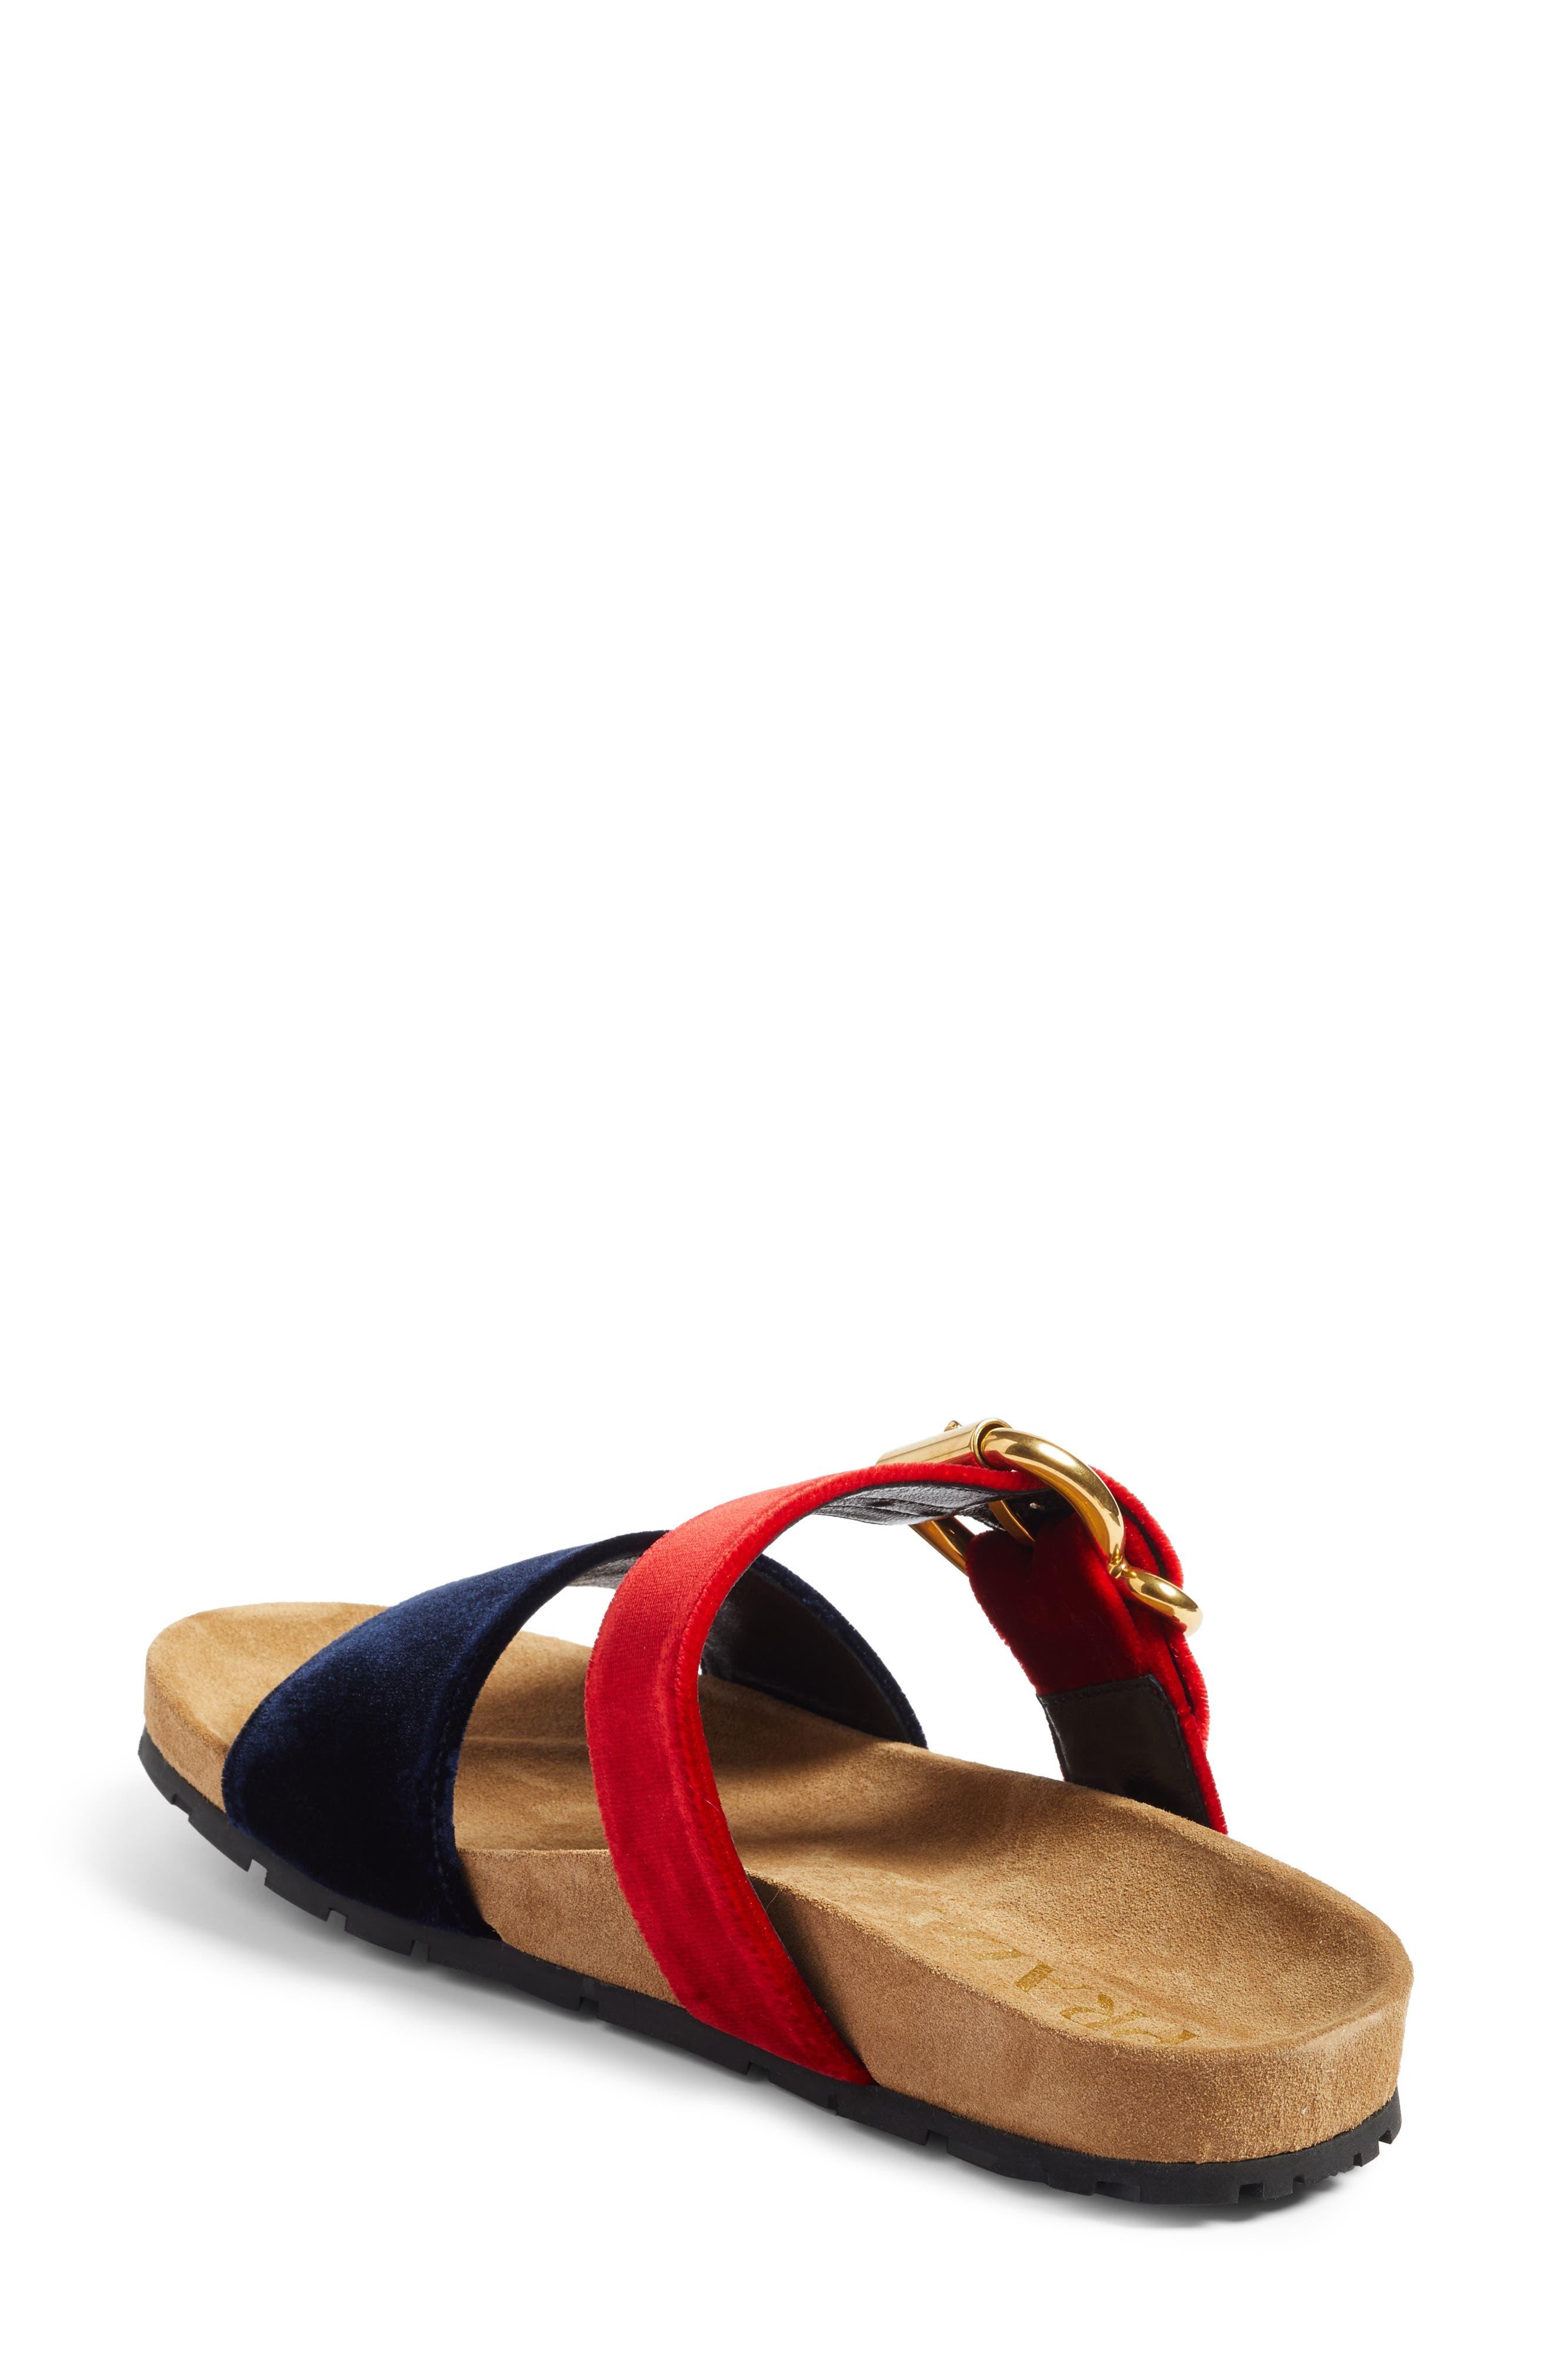 Alternate Image 2  - Prada Double Band Slide Sandal (Women)